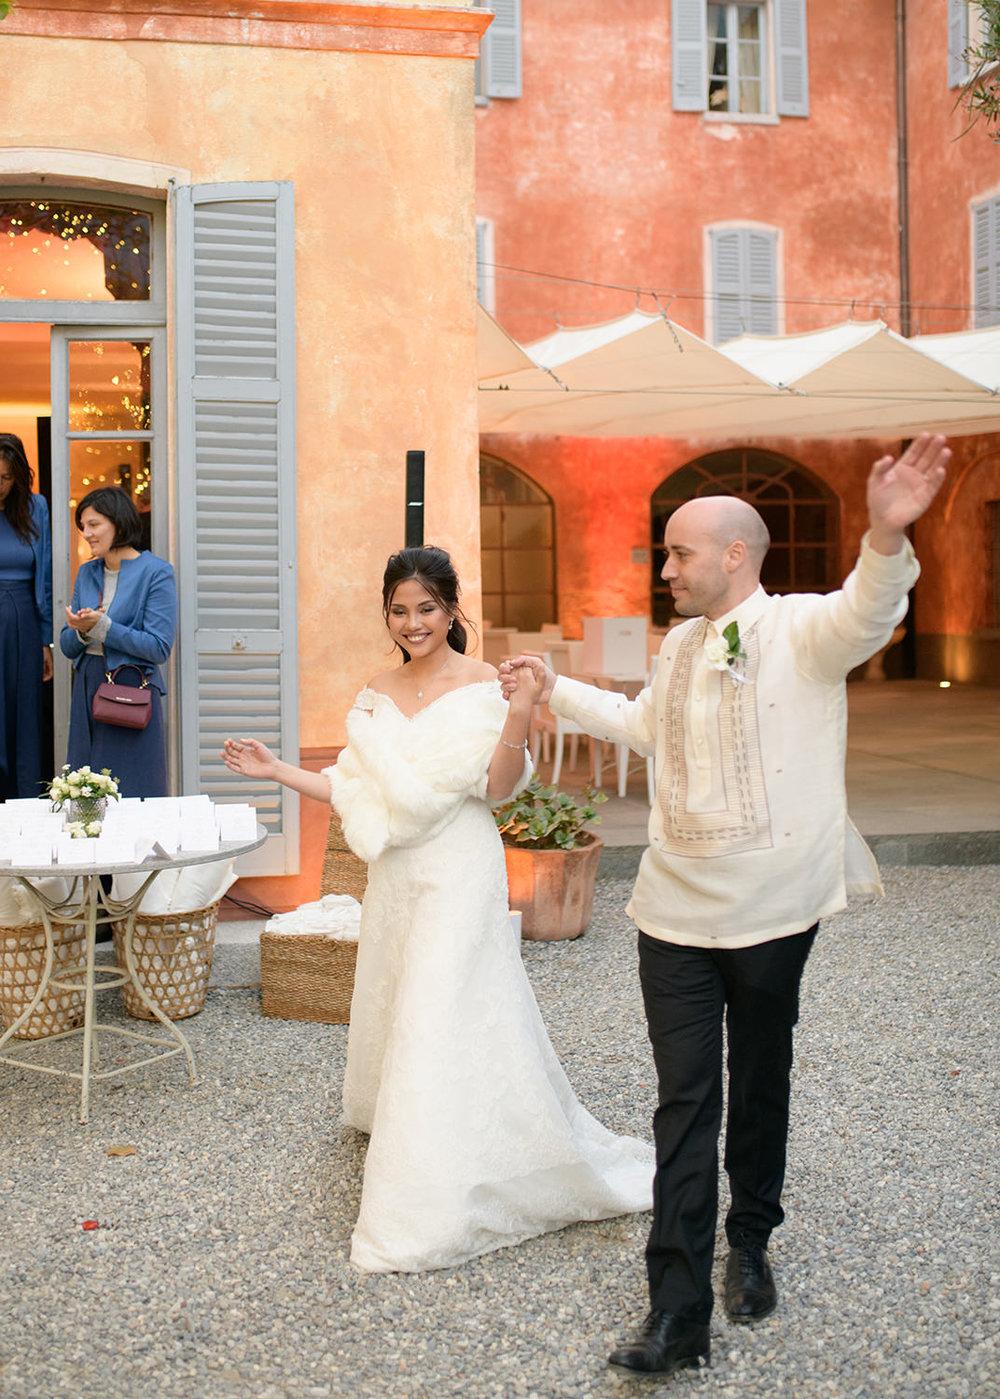 villa-regina-teodolinda-wedding-photographer-C&B-©bottega53-101.JPG